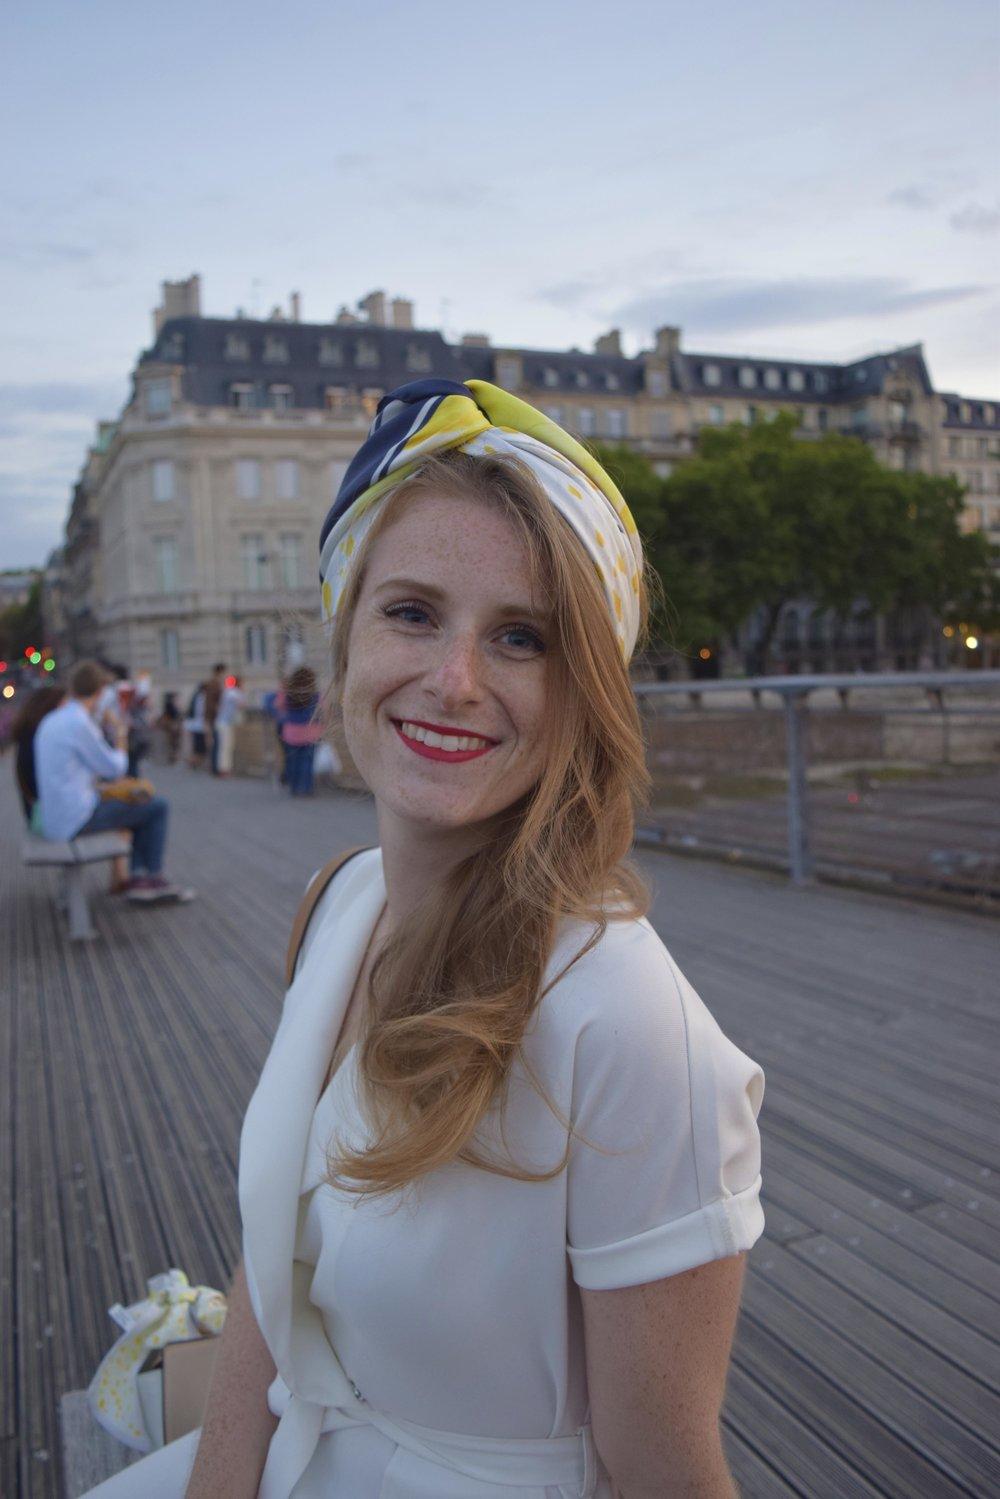 Petitjean Paris Victoire Portrait of Parisian